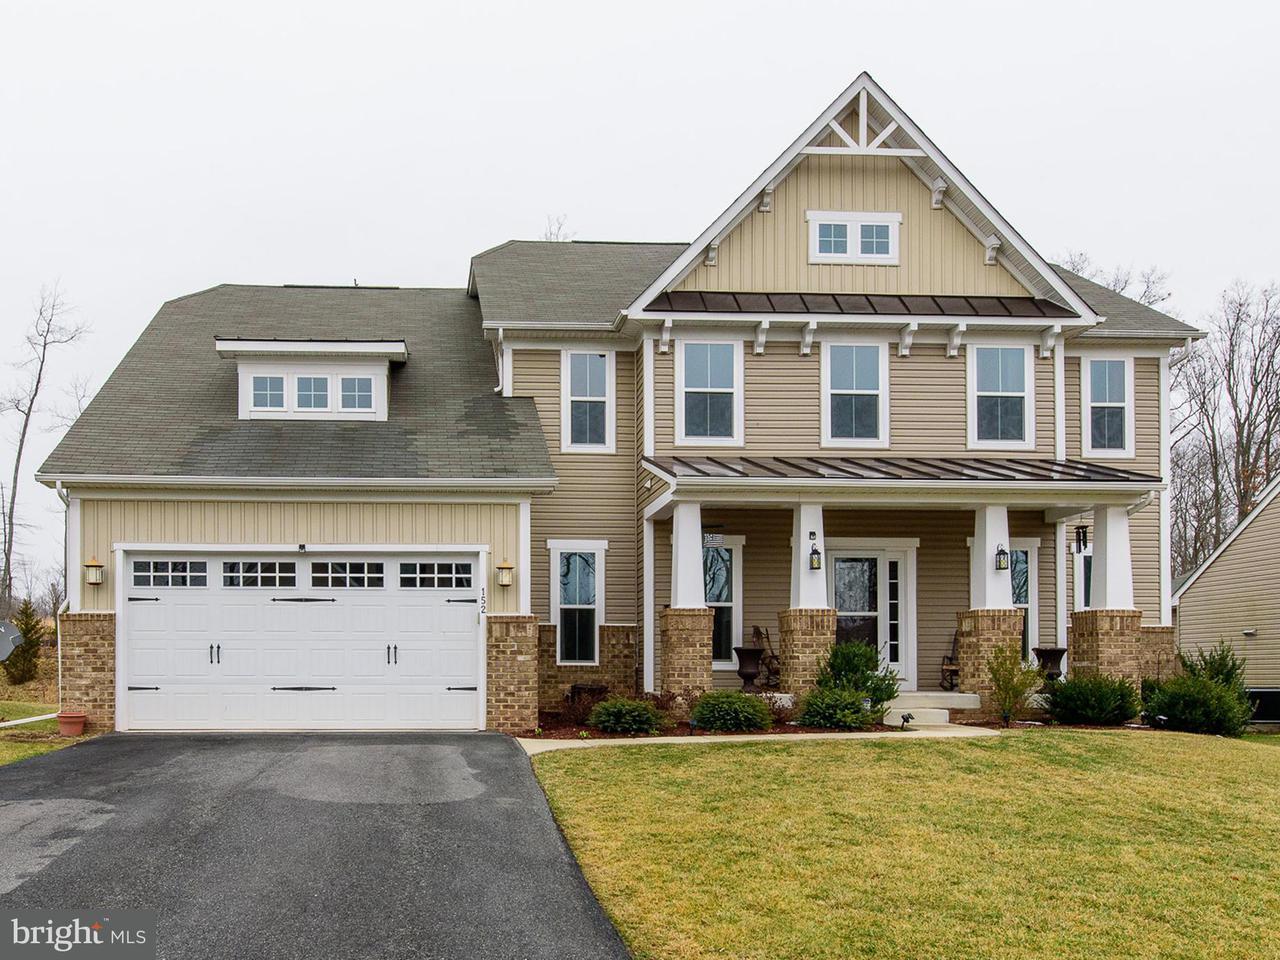 獨棟家庭住宅 為 出售 在 152 Cool Springs Road 152 Cool Springs Road North East, 馬里蘭州 21901 美國